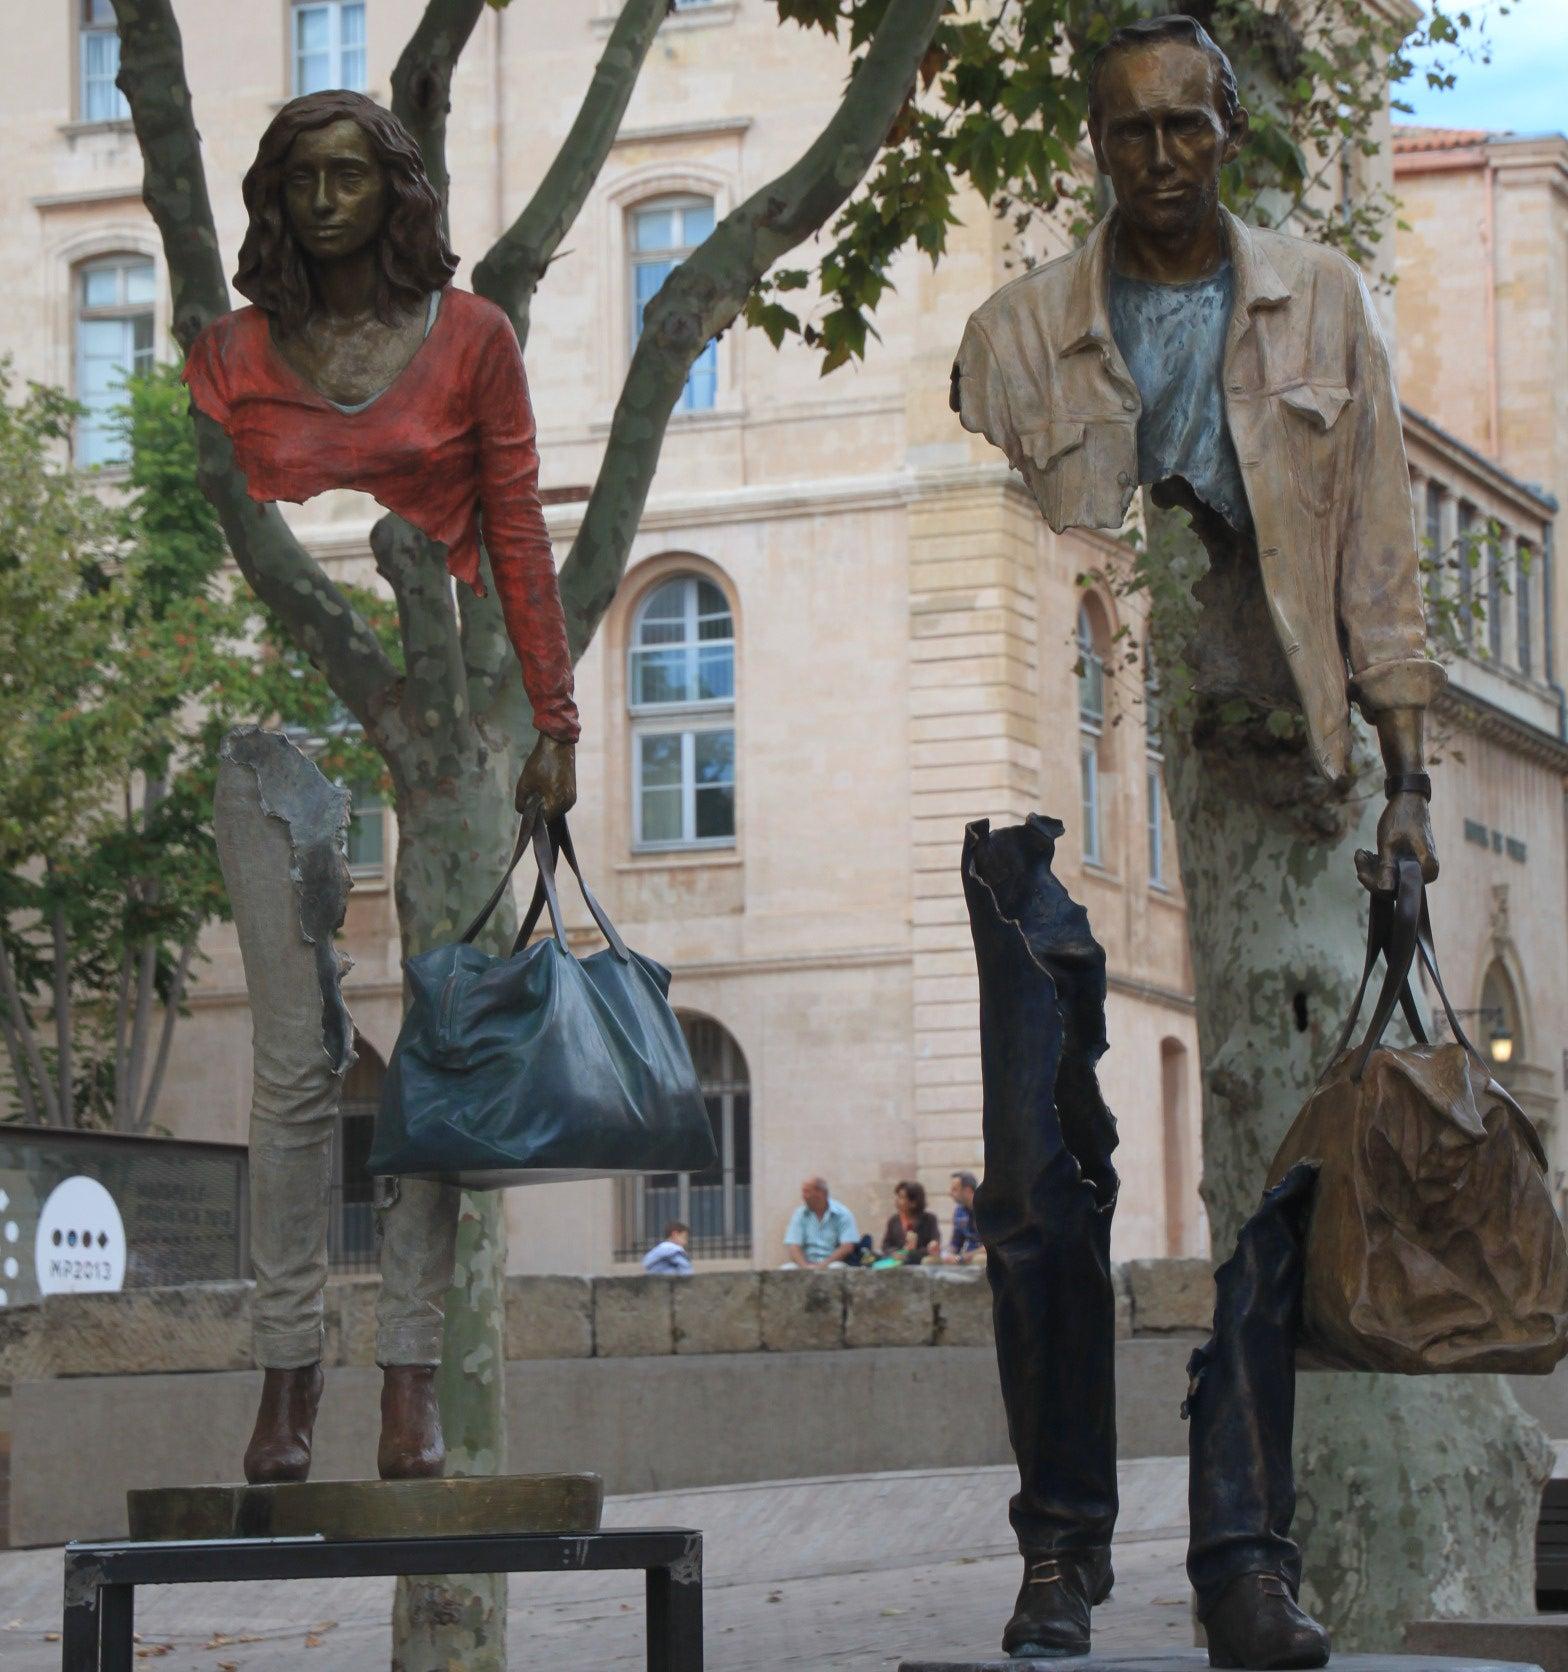 Les Voyageurs en Marsella, una de las esculturas más curiosas de Europa